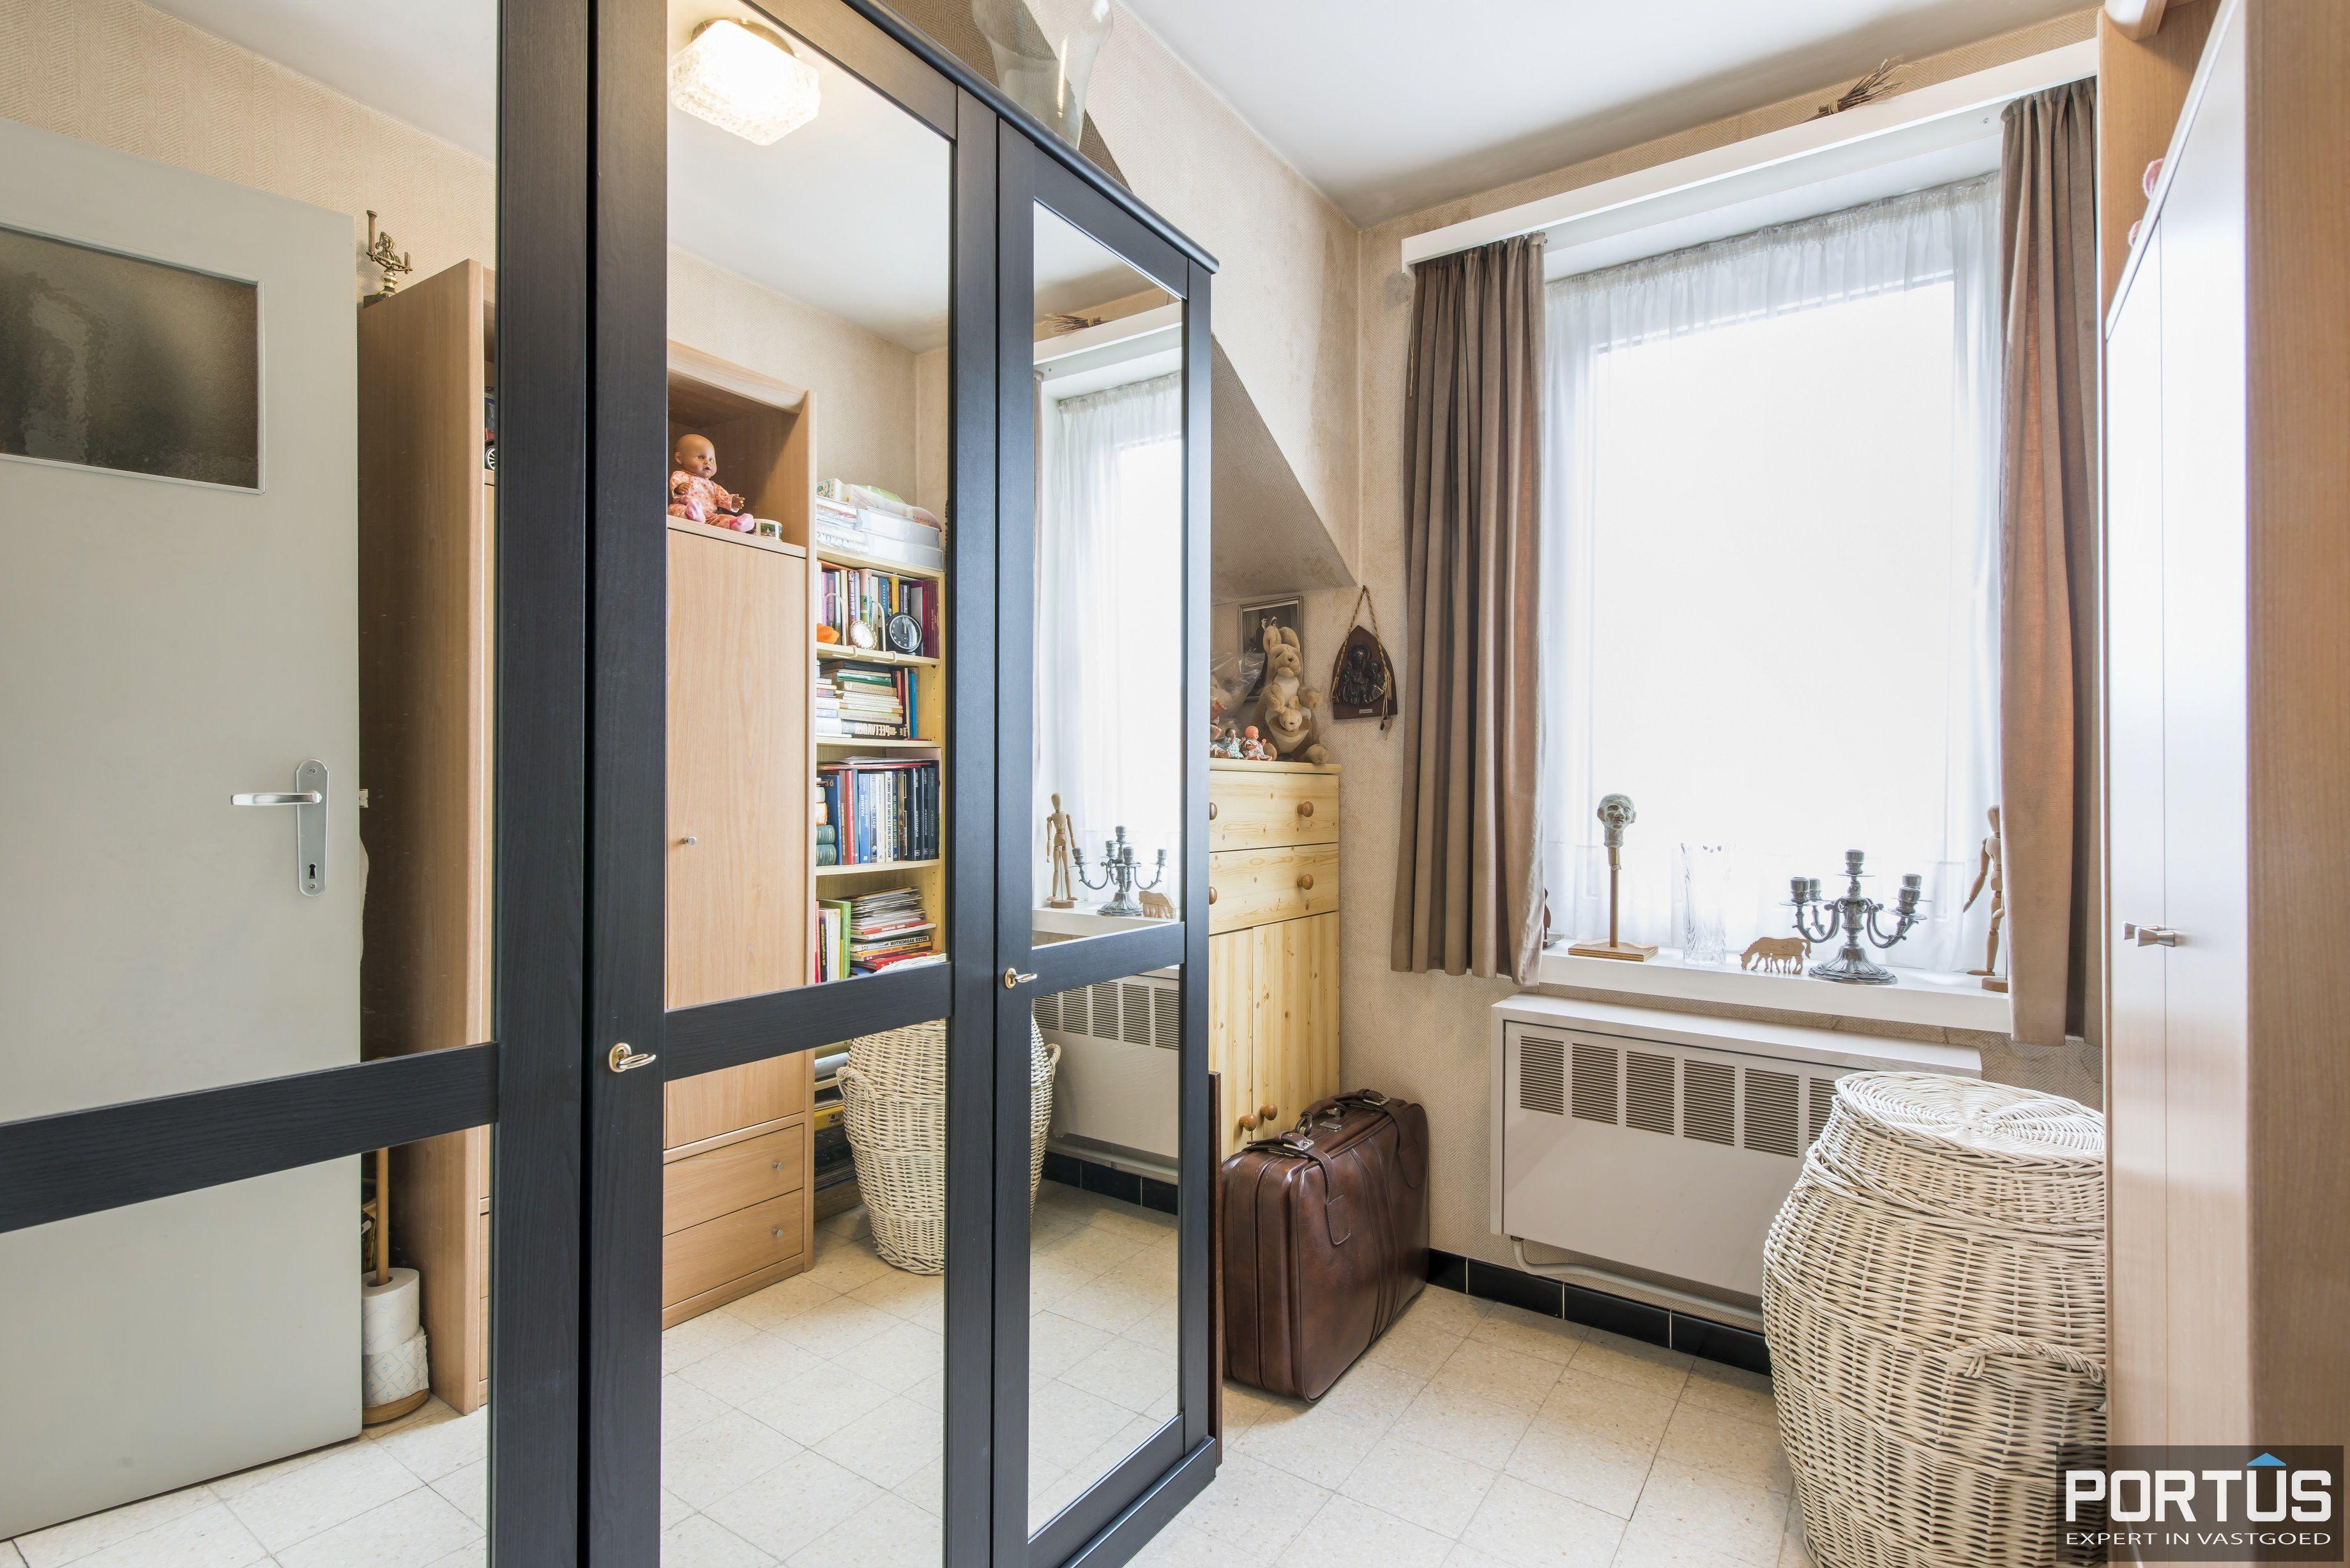 Woning te koop te Lombardsijde met 3 slaapkamers - 9603